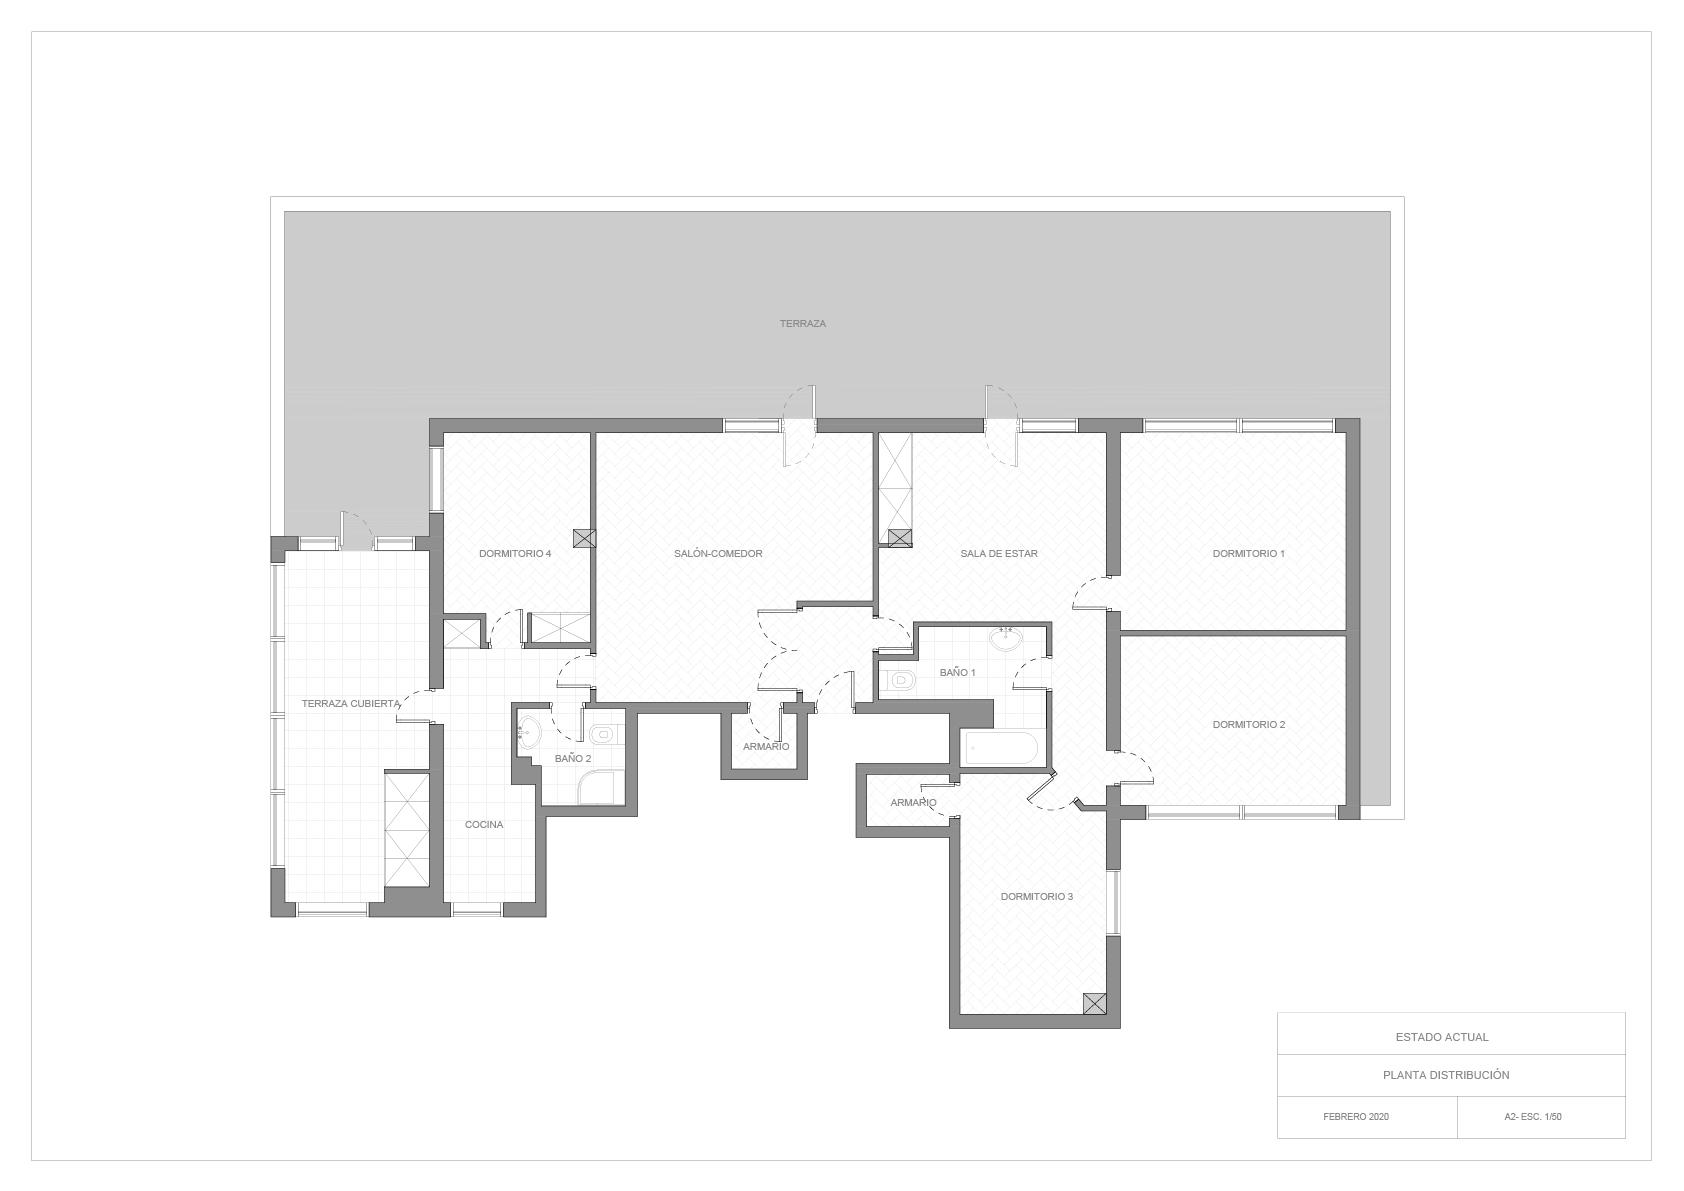 Plano actual de la vivienda